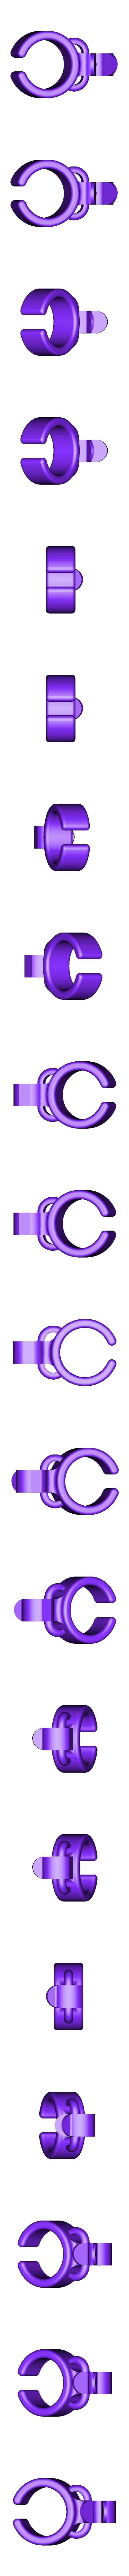 smoker_ring_2.stl Télécharger fichier STL gratuit anneau de cigarette • Plan pour imprimante 3D, hitchabout